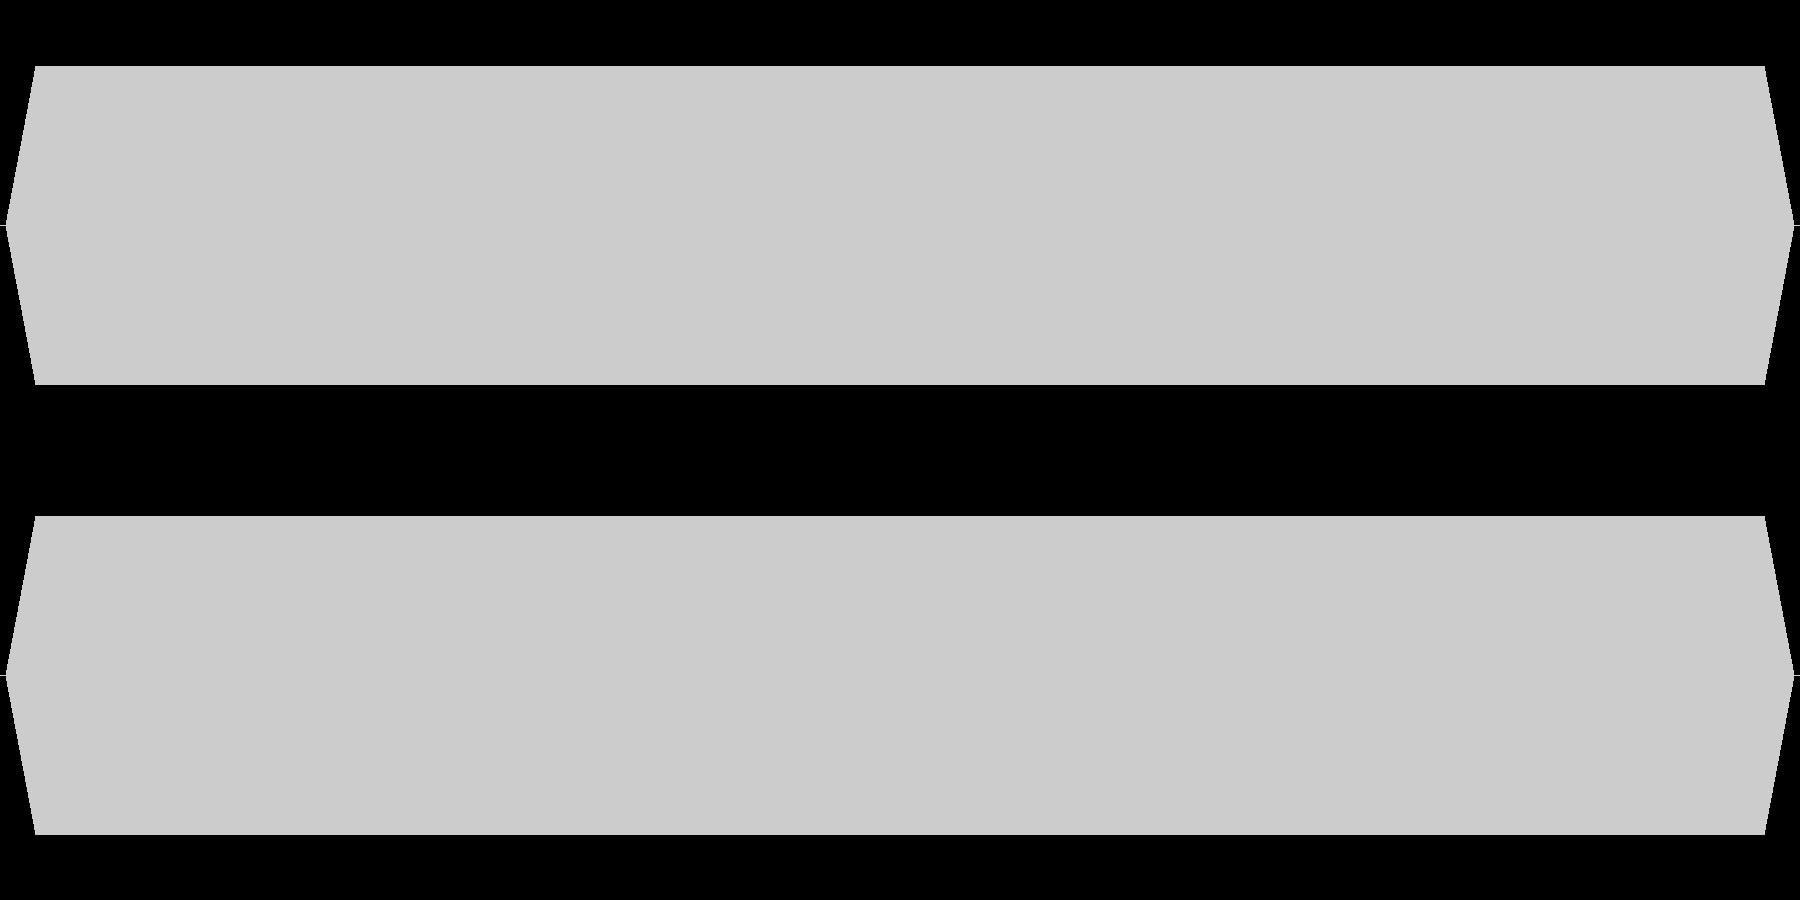 モスキート音 16kHzの未再生の波形